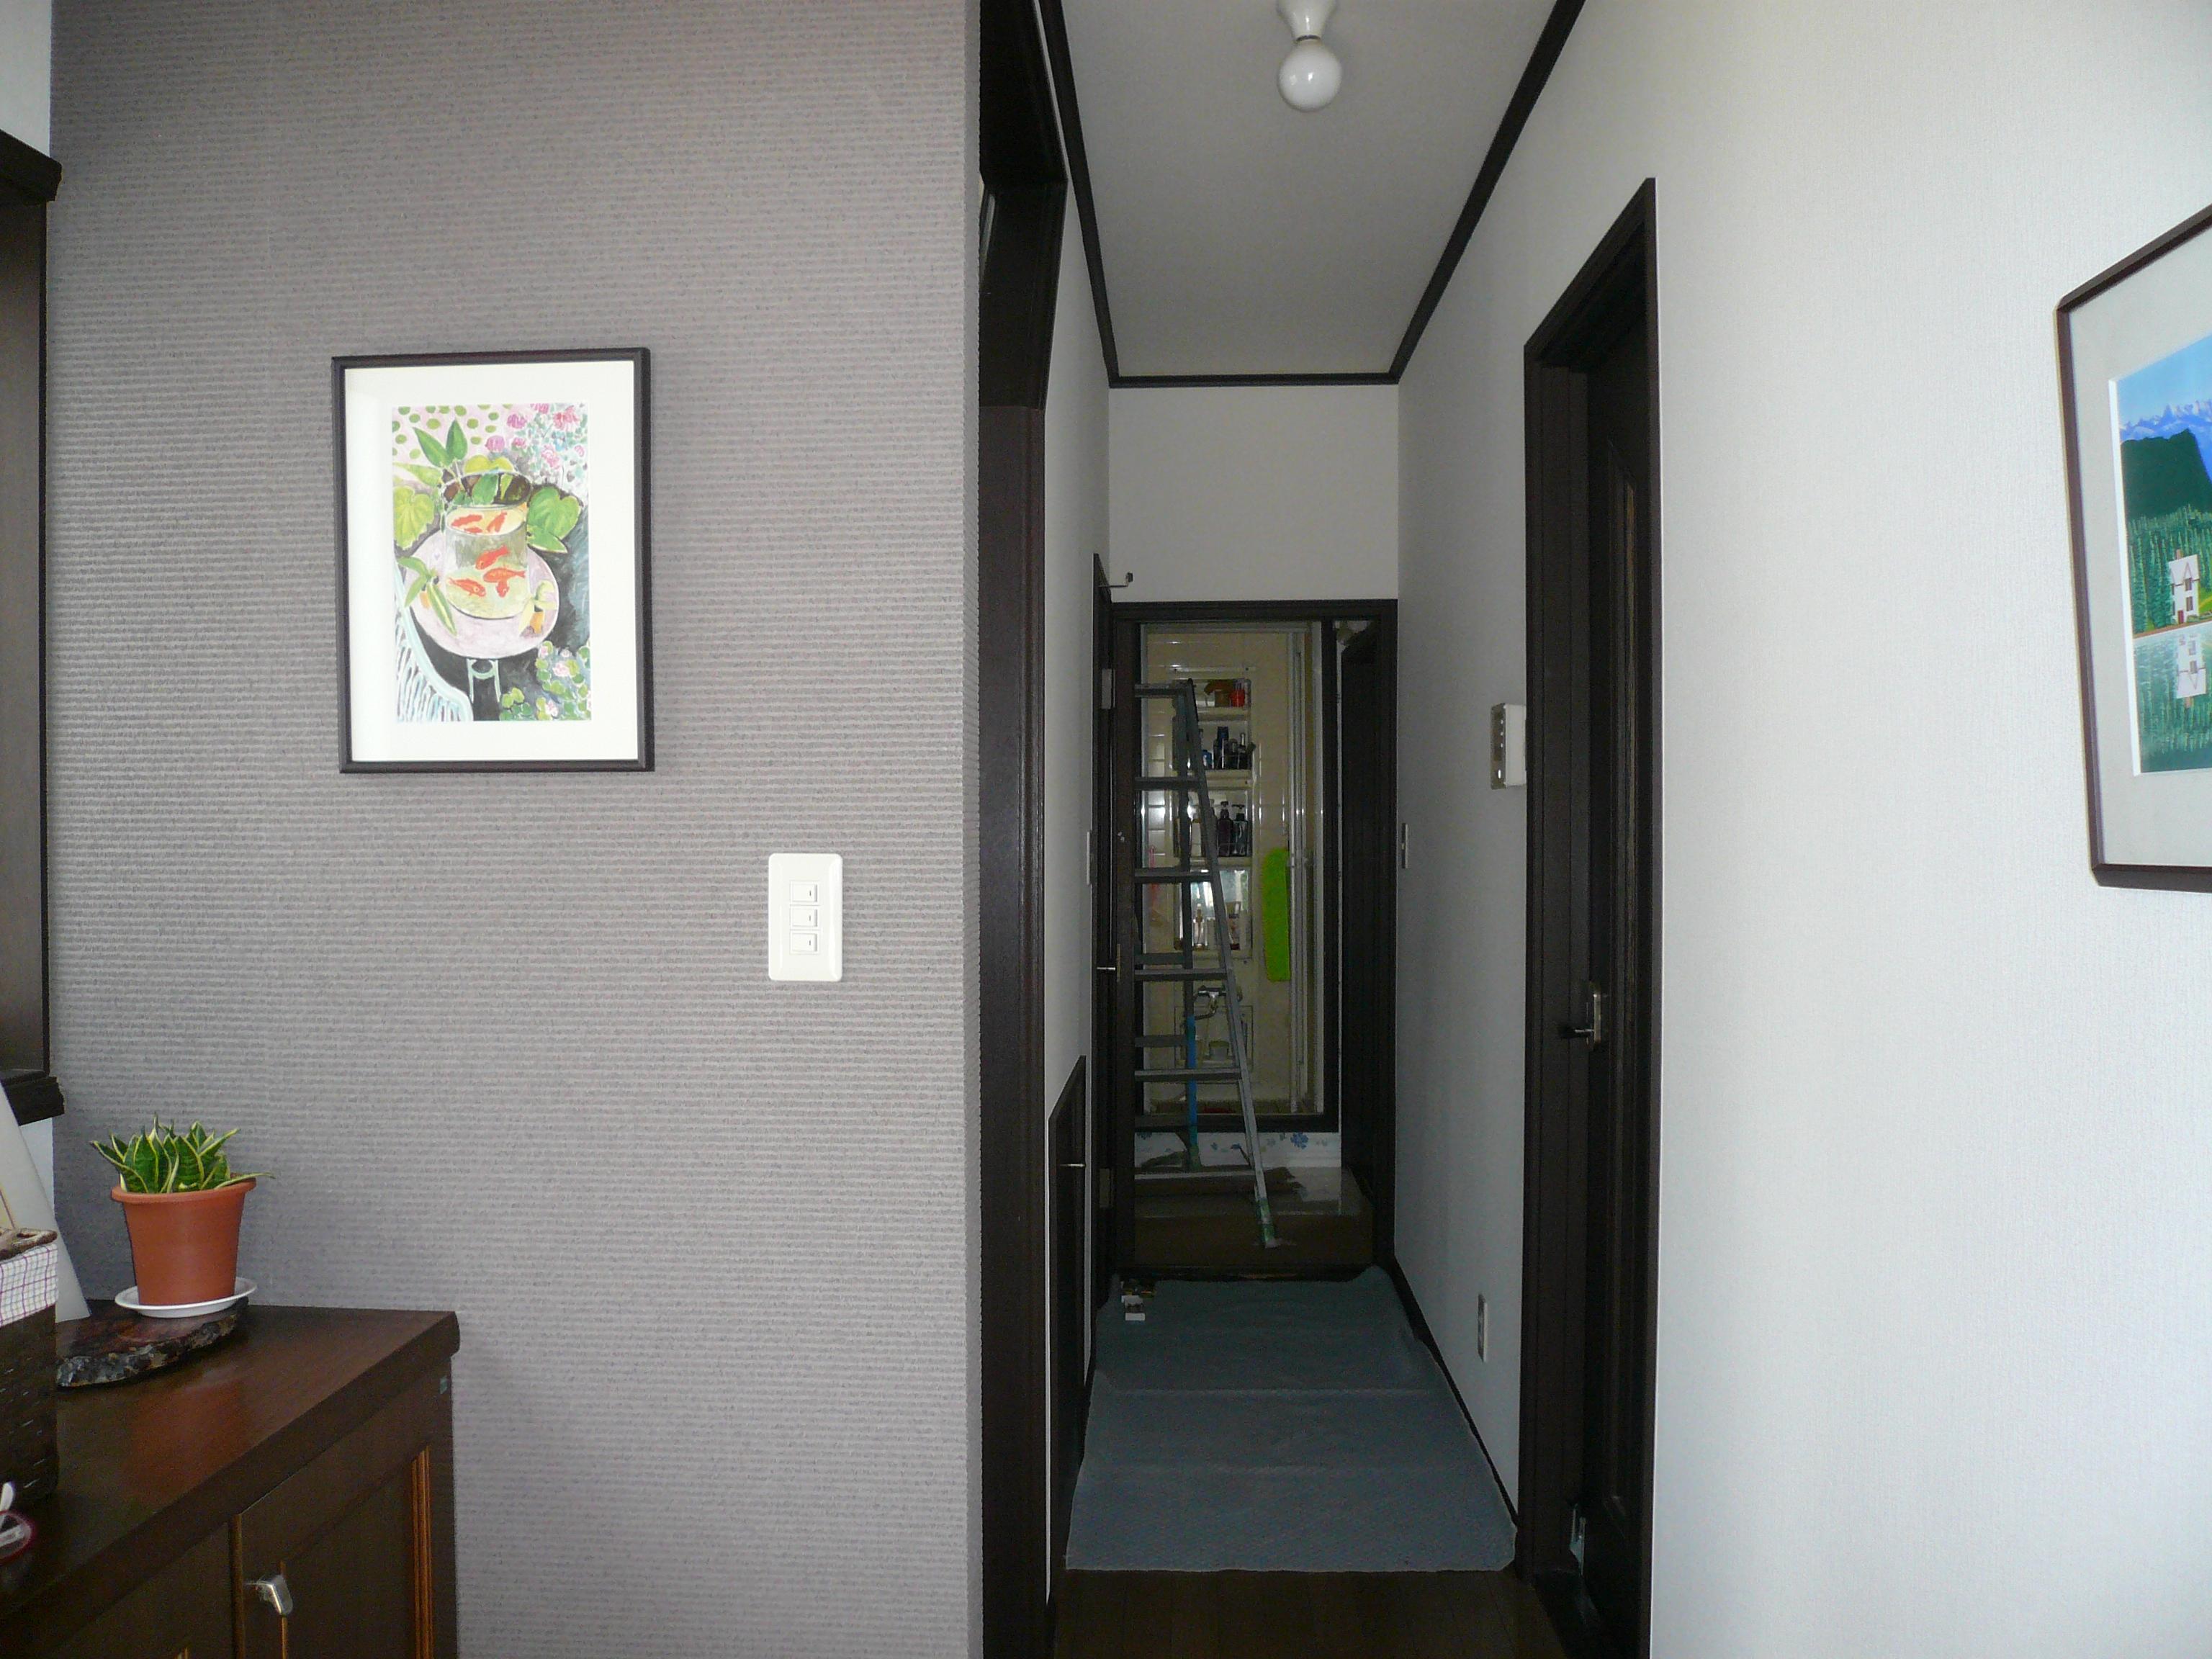 壁紙を一面だけ変えて玄関にアクセント 平塚市 平塚市 新築